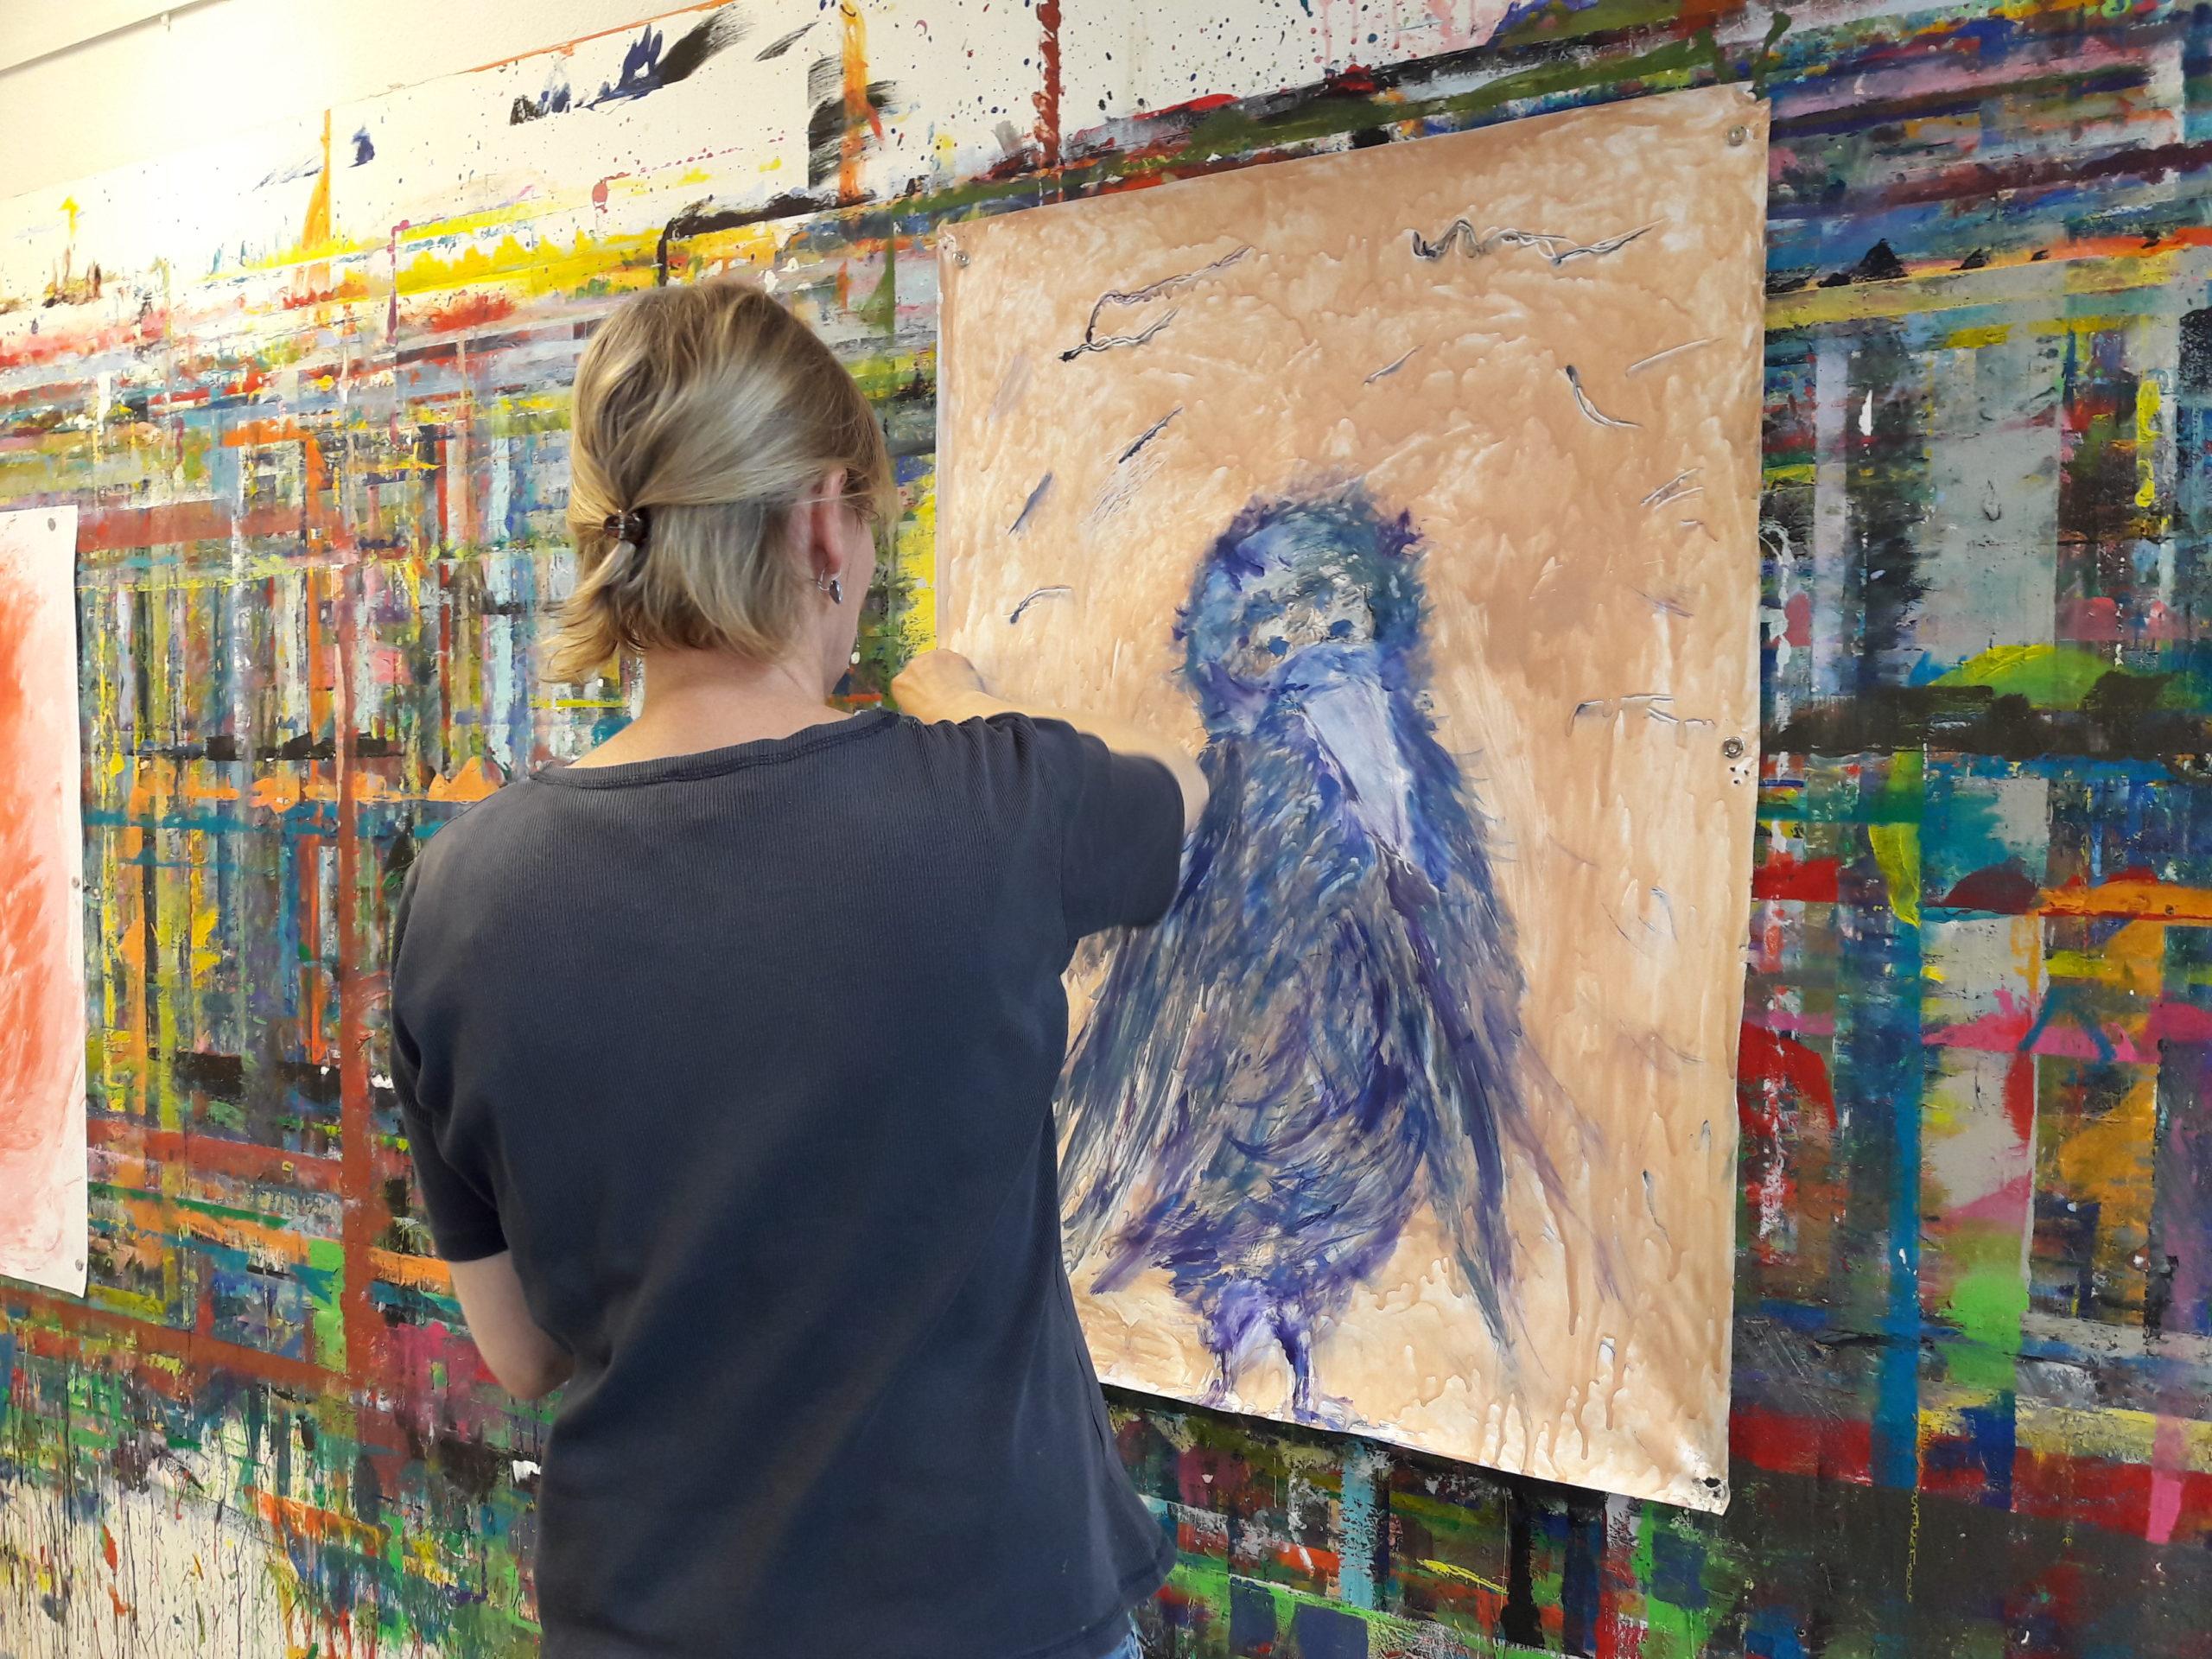 Malen in der Kreativwerkstatt